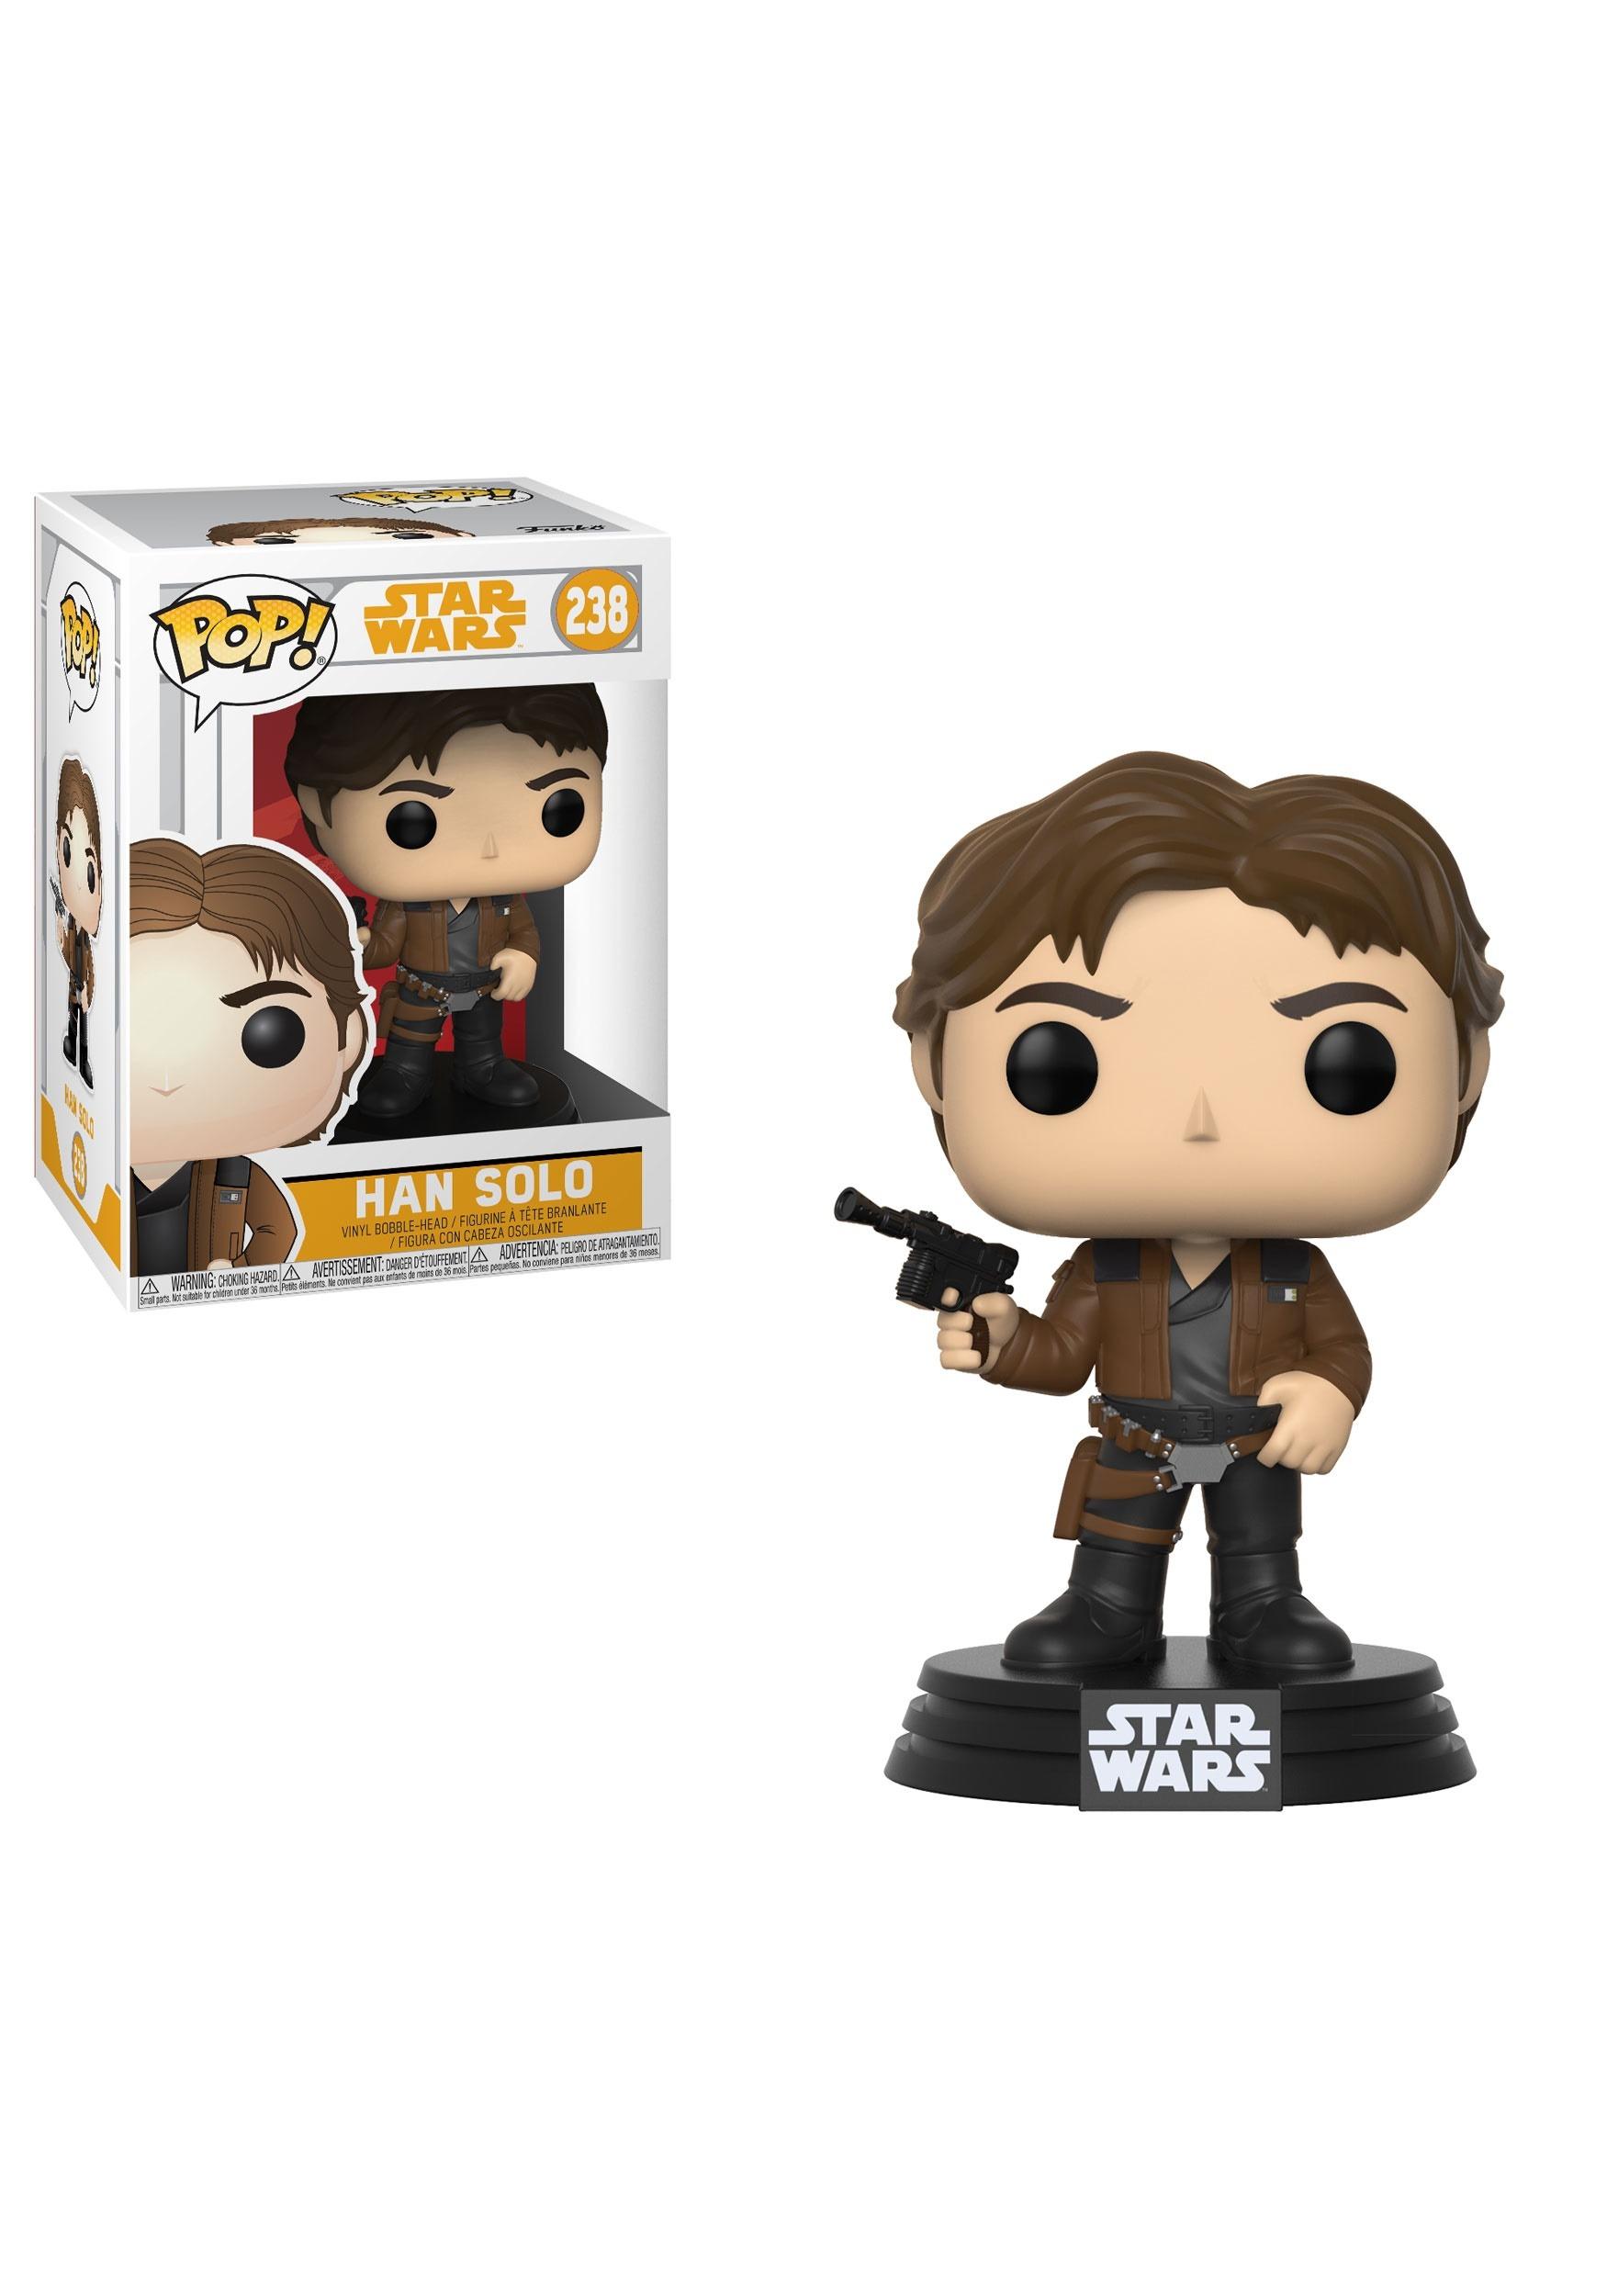 POP! Star Wars: Solo - Han Solo Bobblehead Figure FN26974